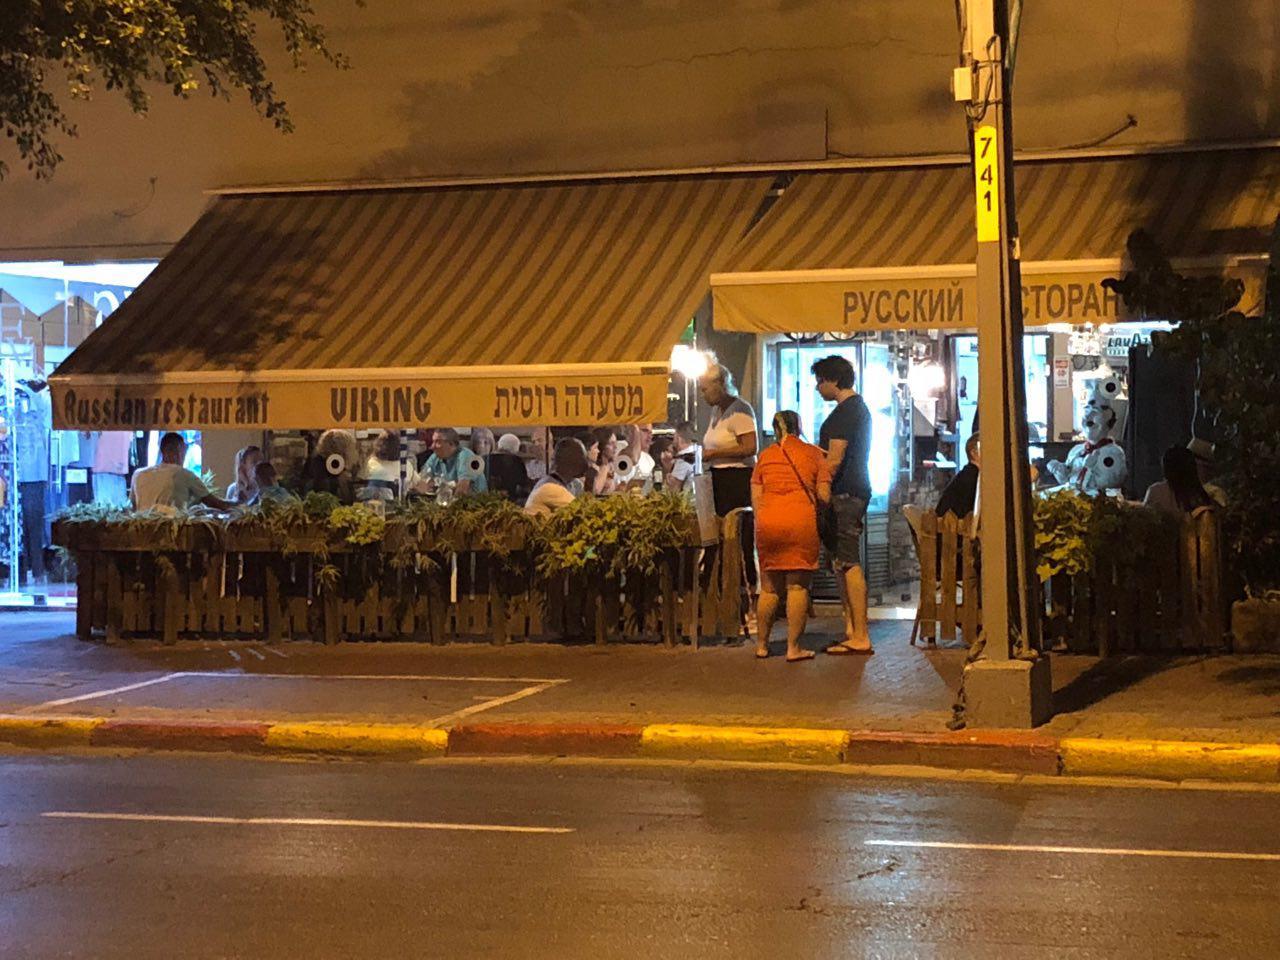 מסעדת ויקינג (צילום: תיקי גולן)